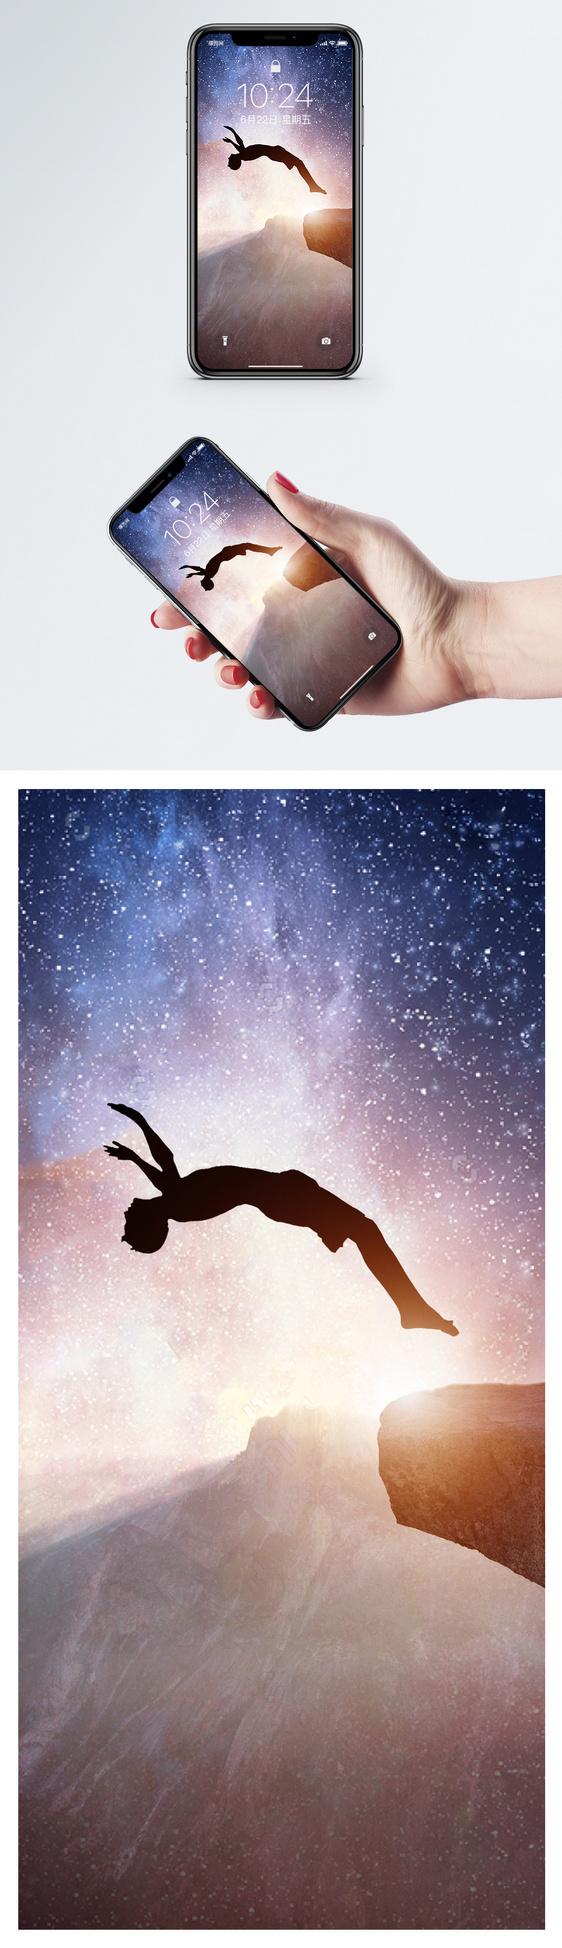 Bilder Zum Handy Wallpaper Für Menschen Die Unter Den Sternen